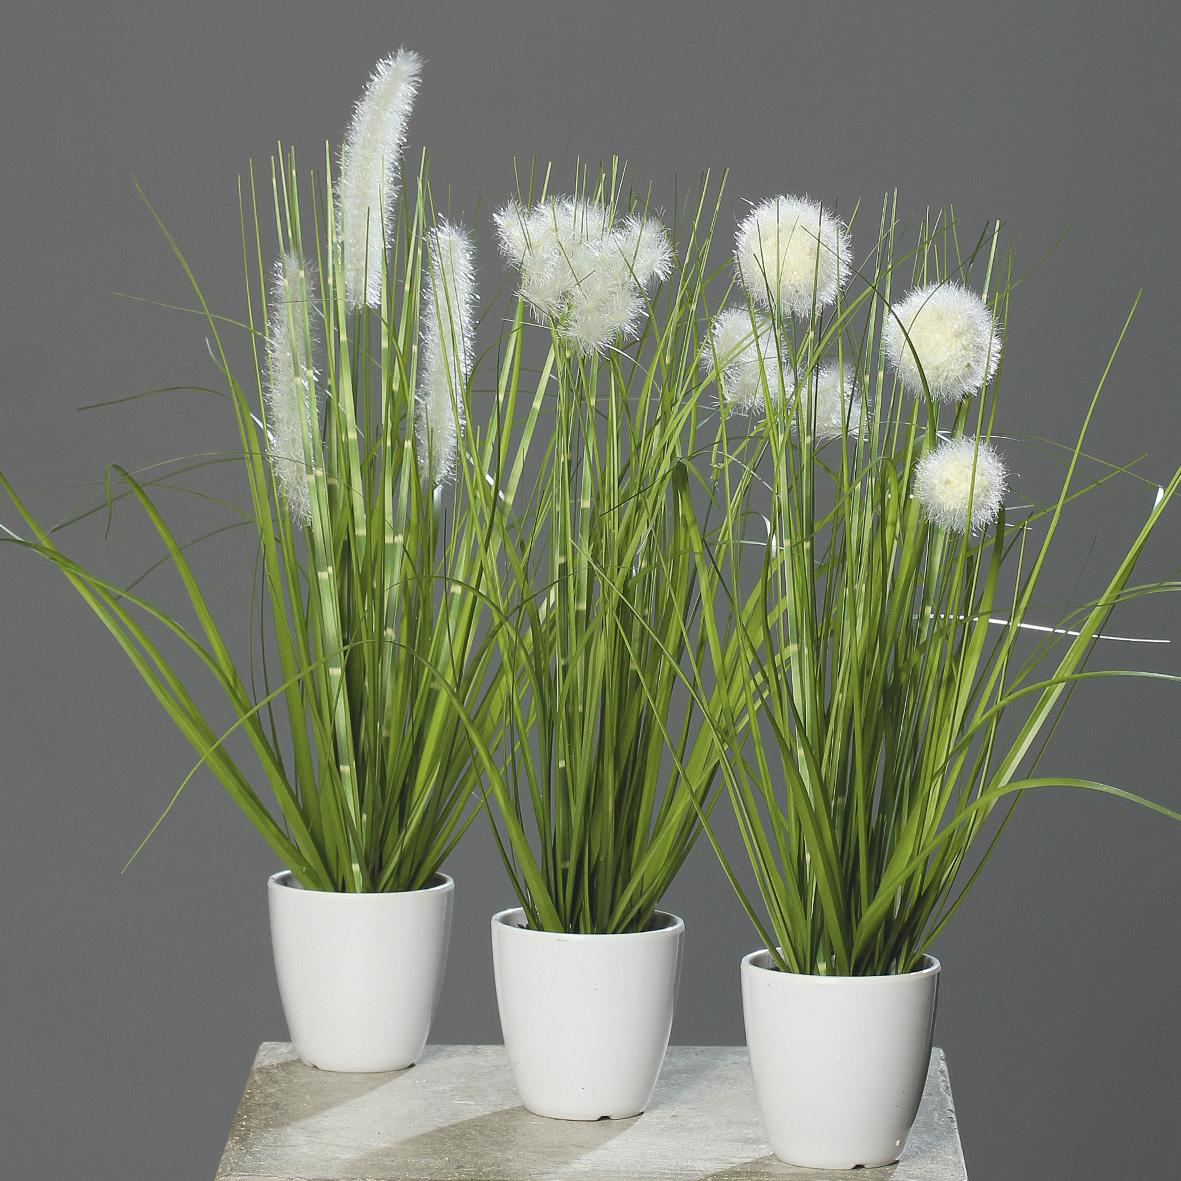 Simulation Grasbusch Deko Gras Künstliche Pflanzen Gras Bündel Kunstpflanzen